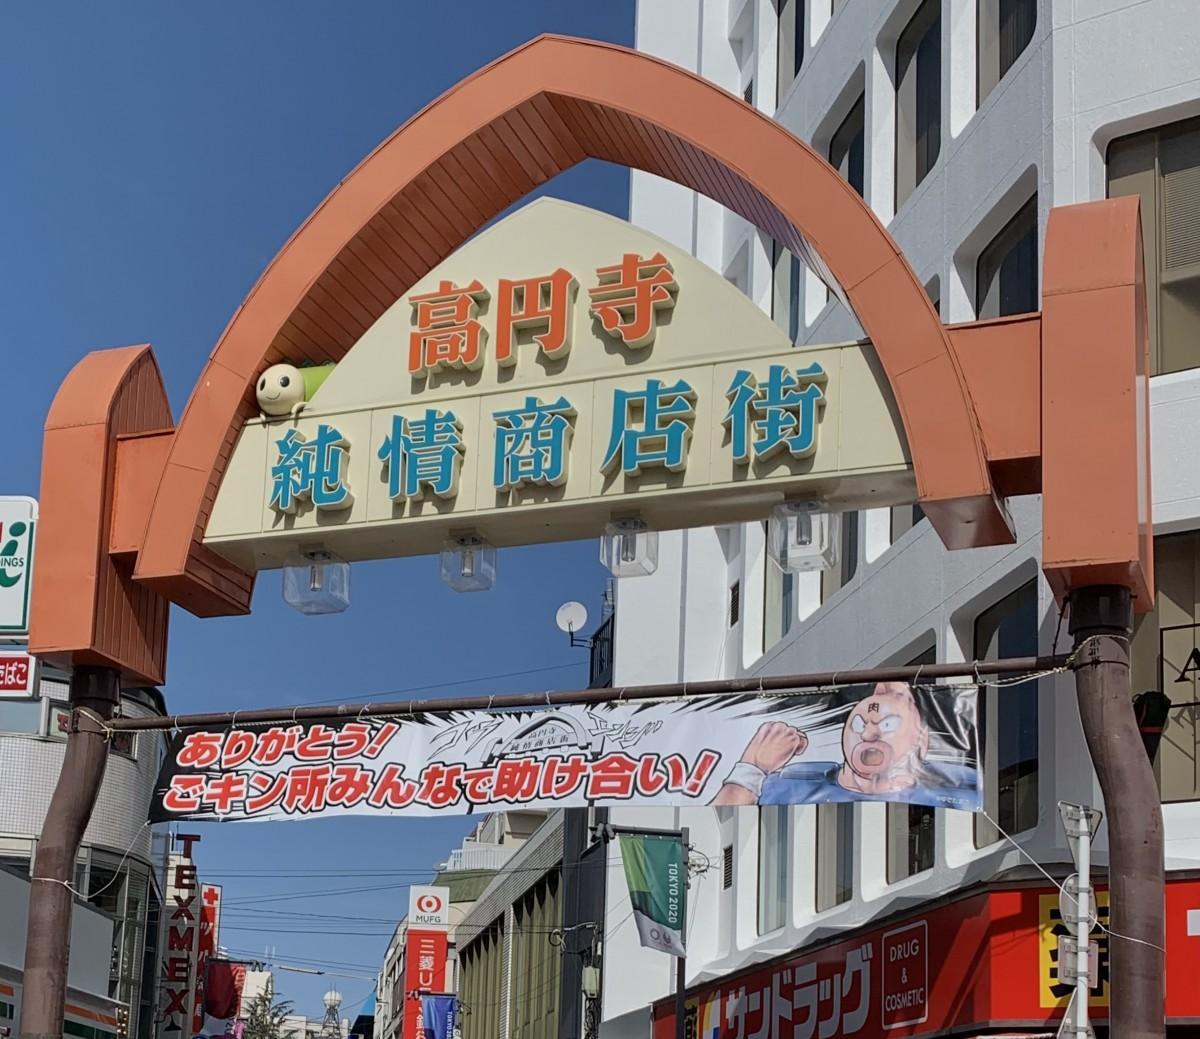 純情商店街に設置された横断幕